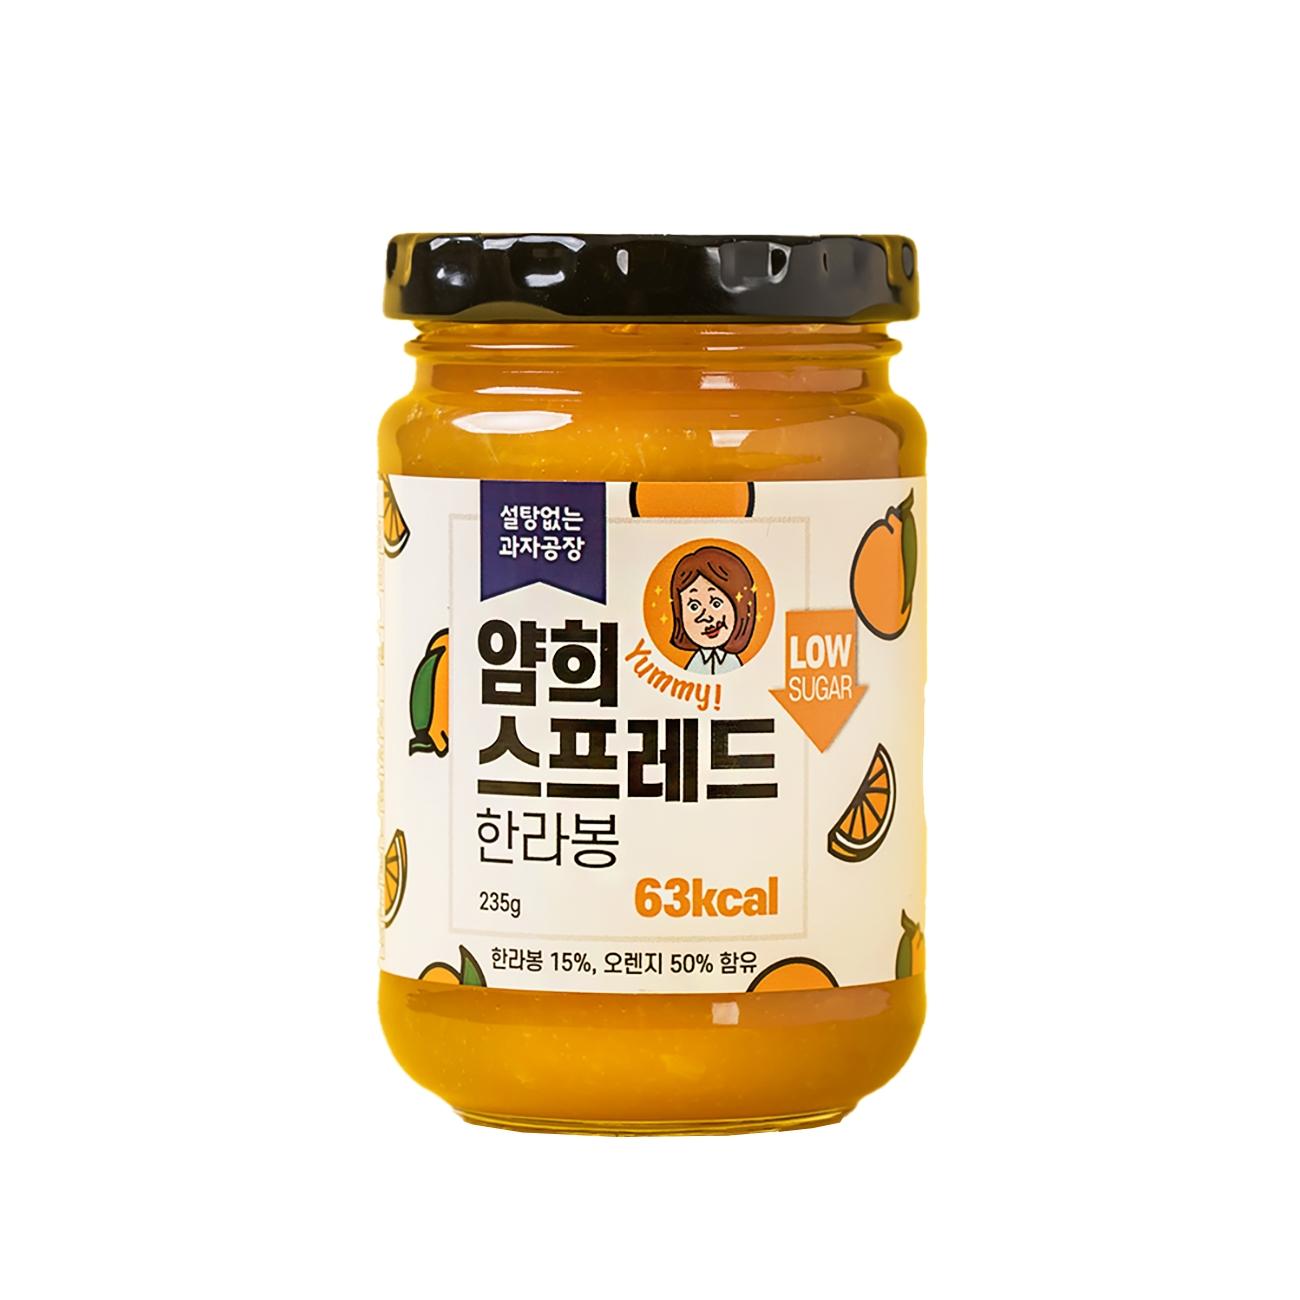 설탕없는과자공장 얌희스프레드 한라봉, 235g, 1개